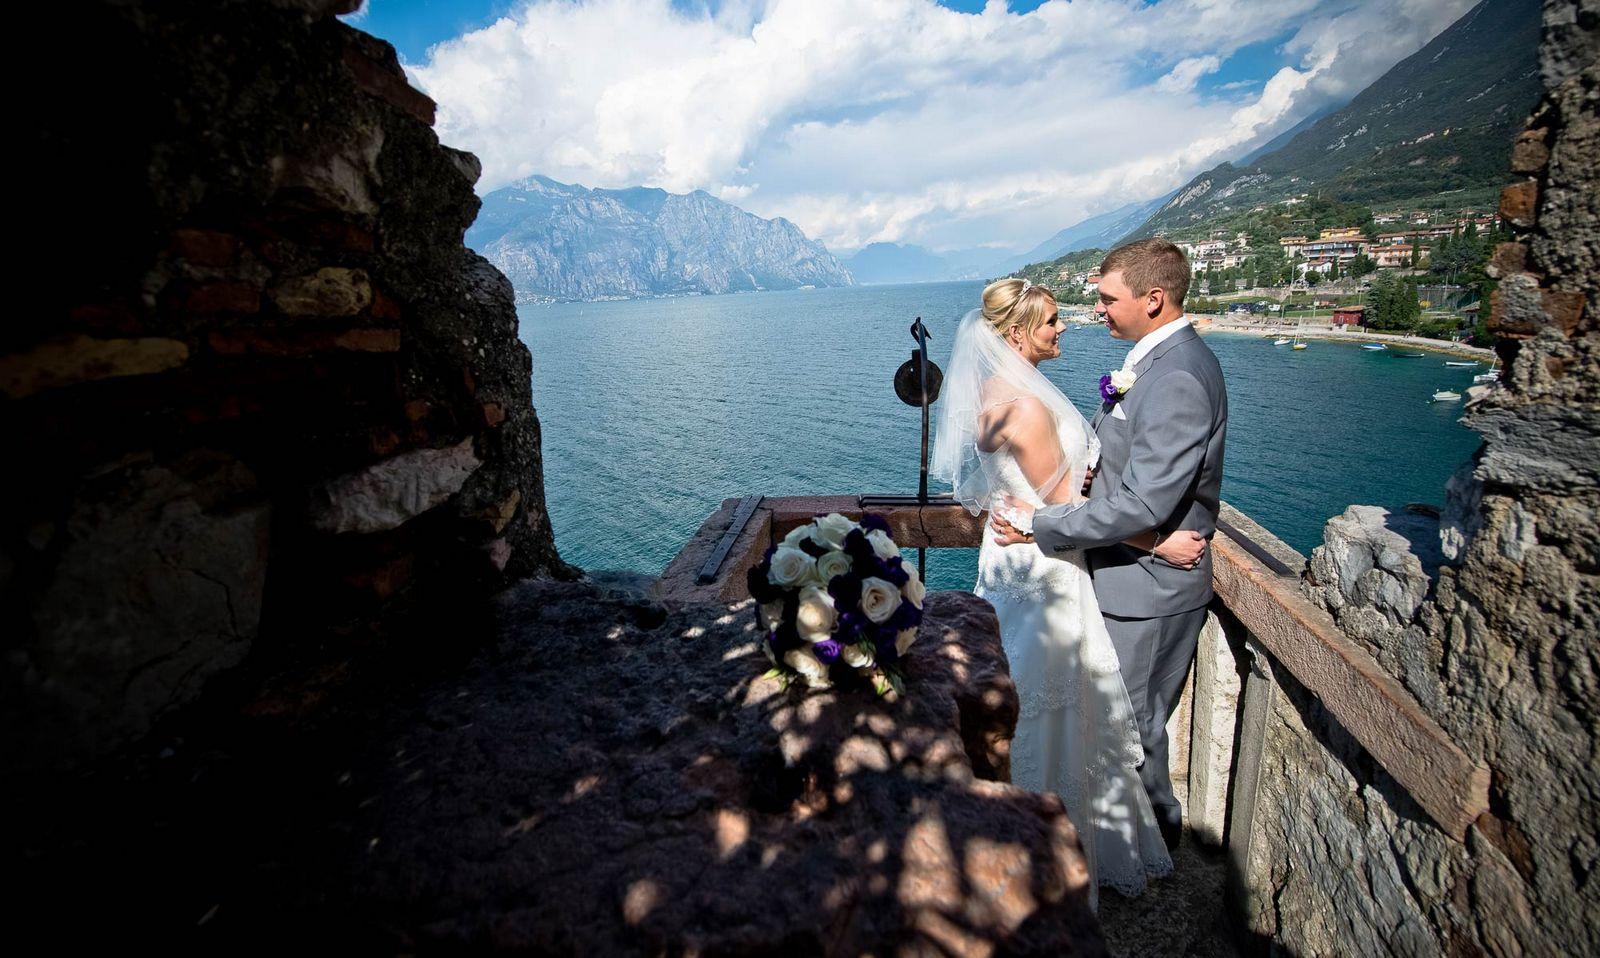 Свадьба на озере Гарда (фото)